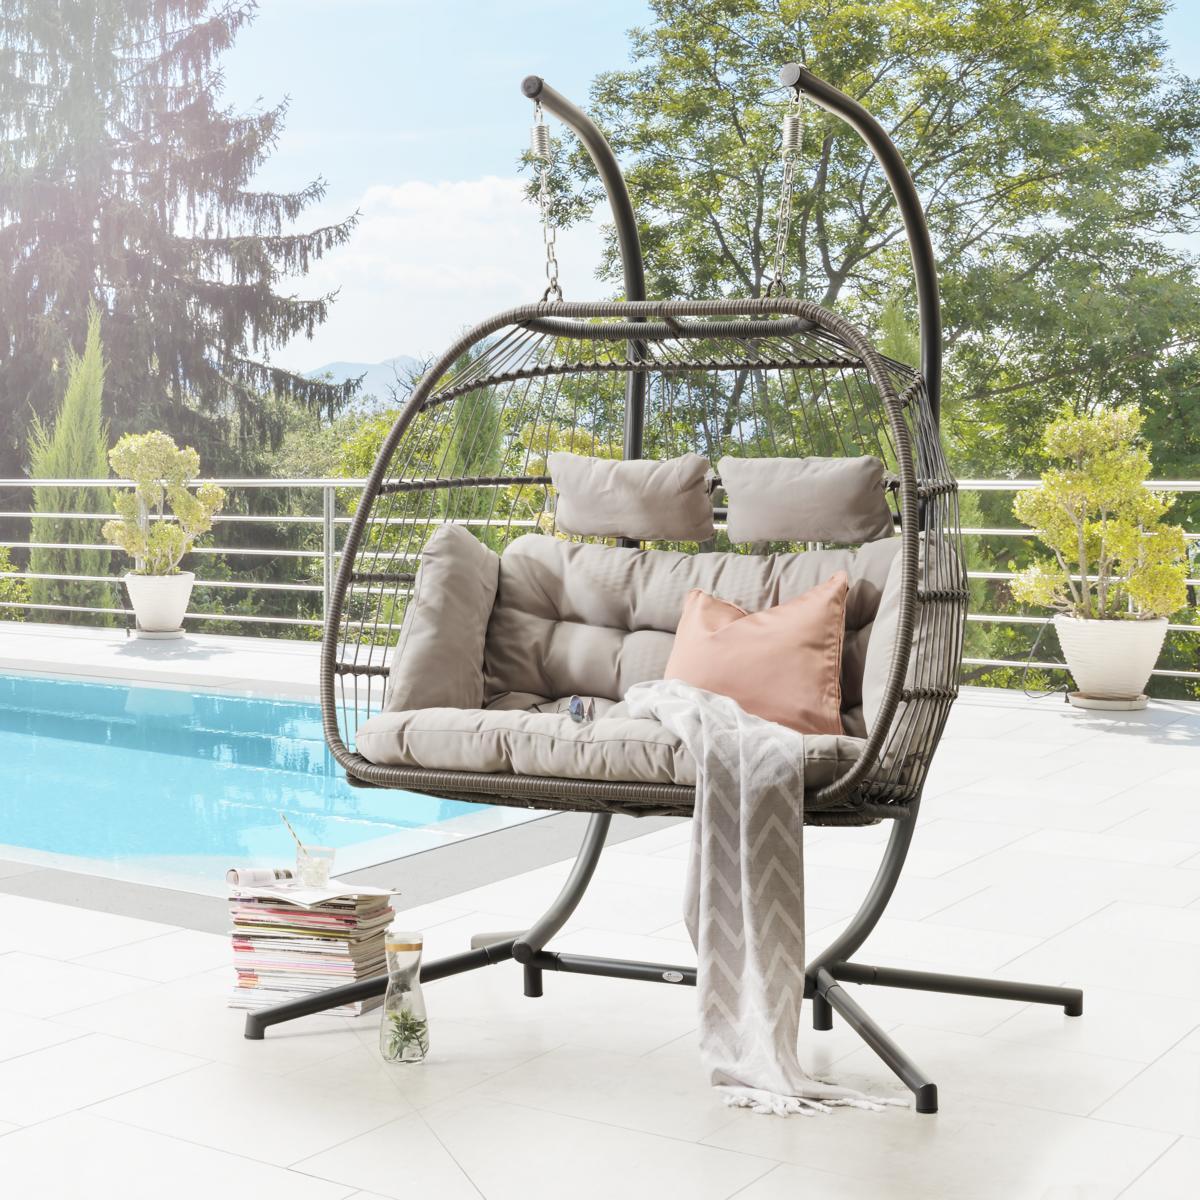 Hängesessel - Haus & Garten Onlineshop | Loungemöbel ...